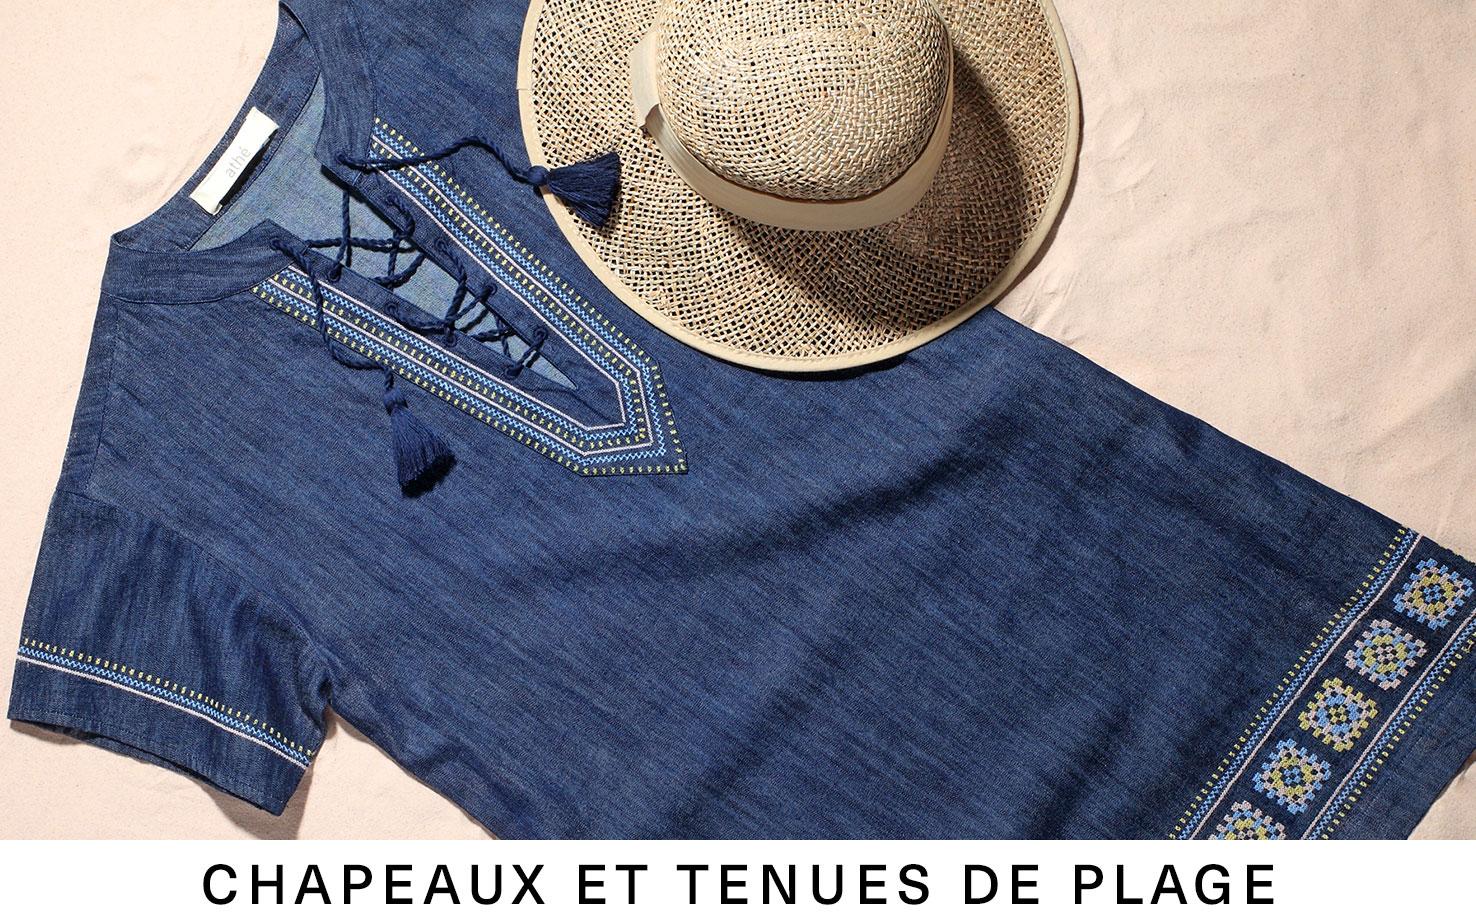 Chapeaux et tenues de plage